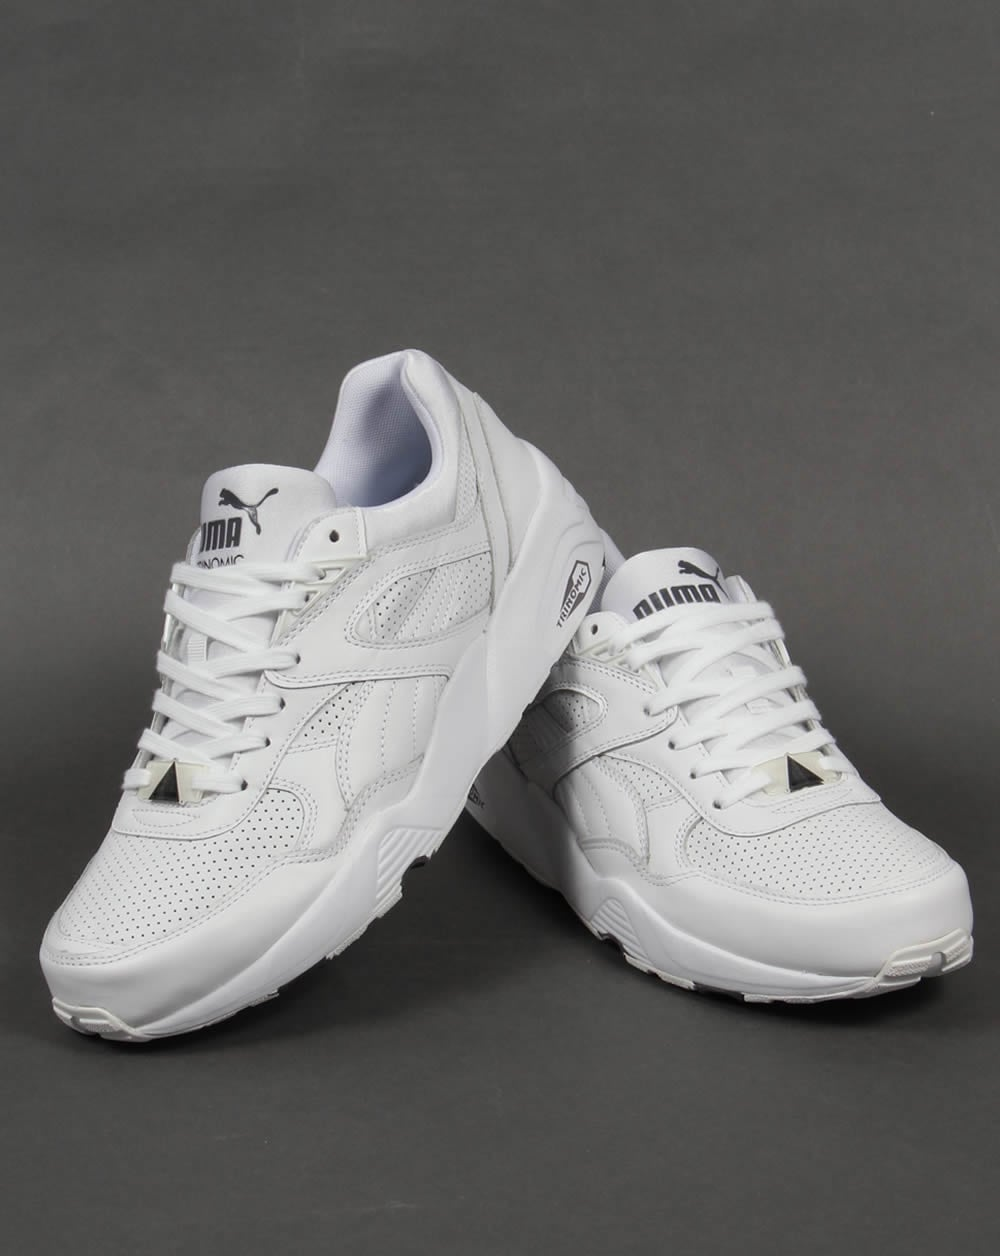 puma r698 core leather trainers white  white  runner  sneaker  men u0026 39 s